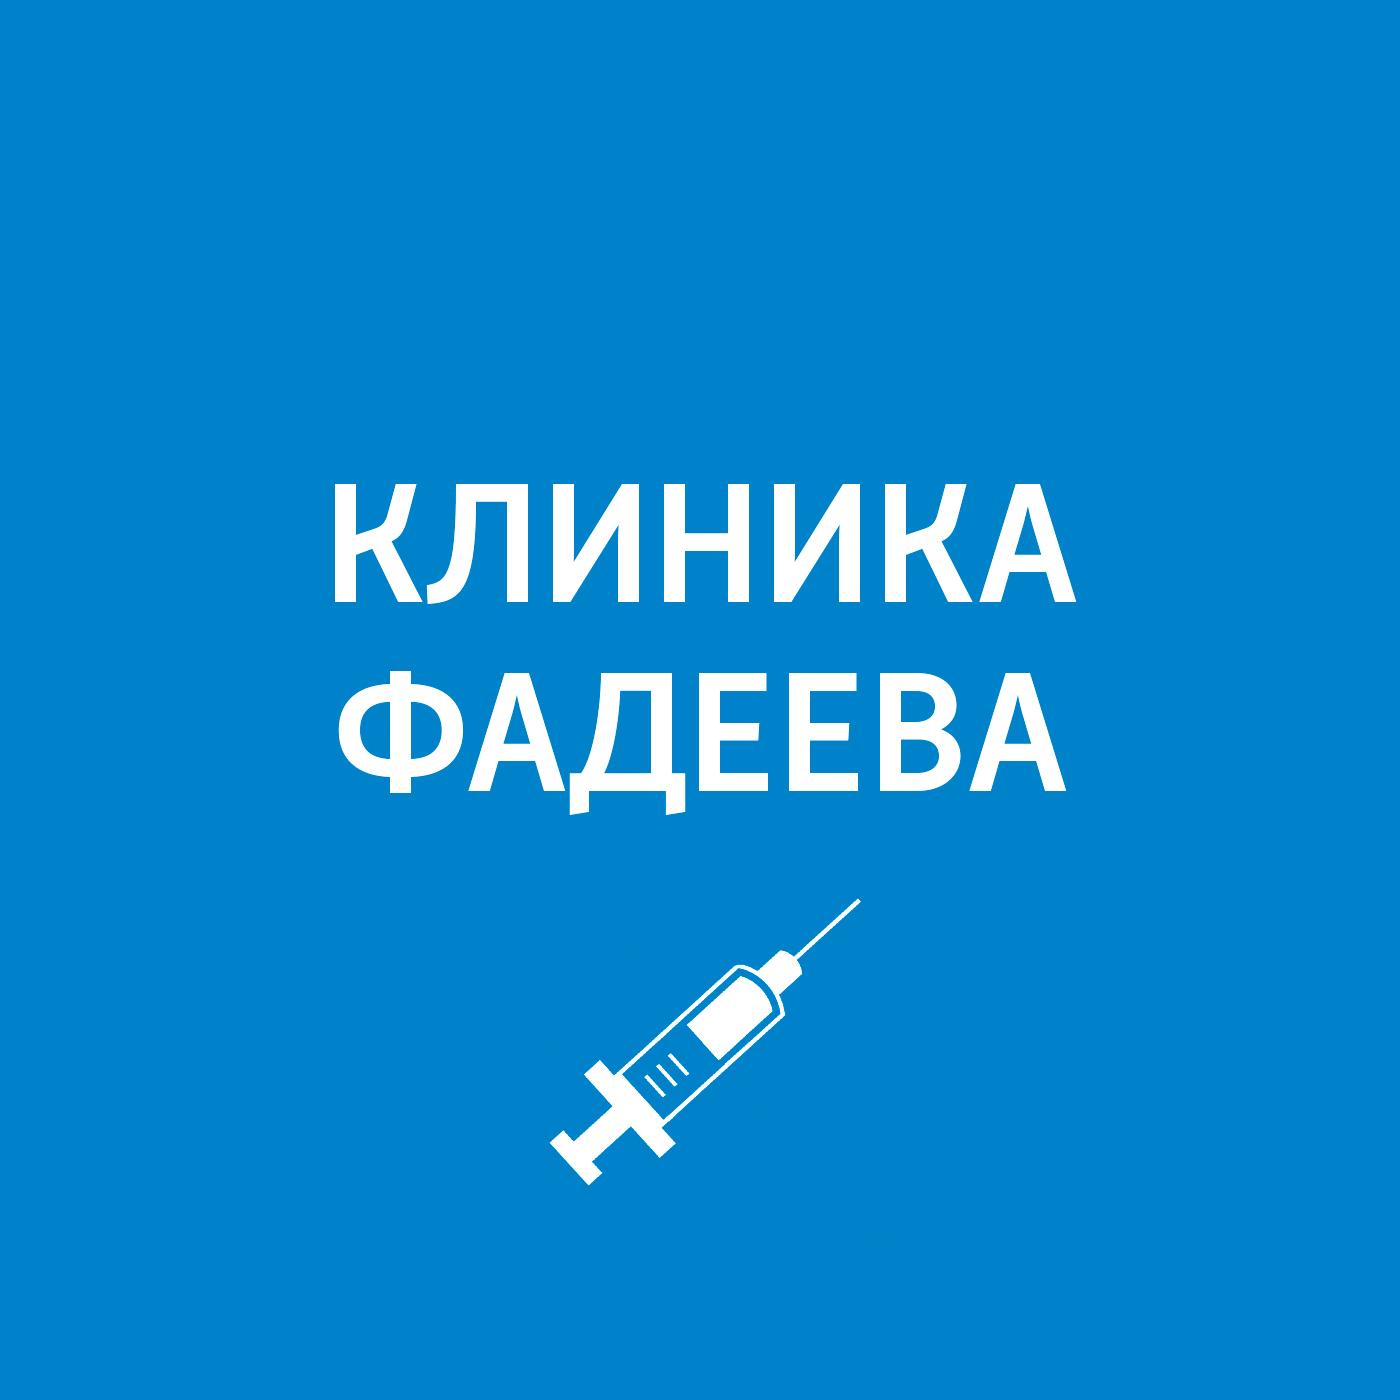 Пётр Фадеев Приём ведёт врач-пульмонолог цены